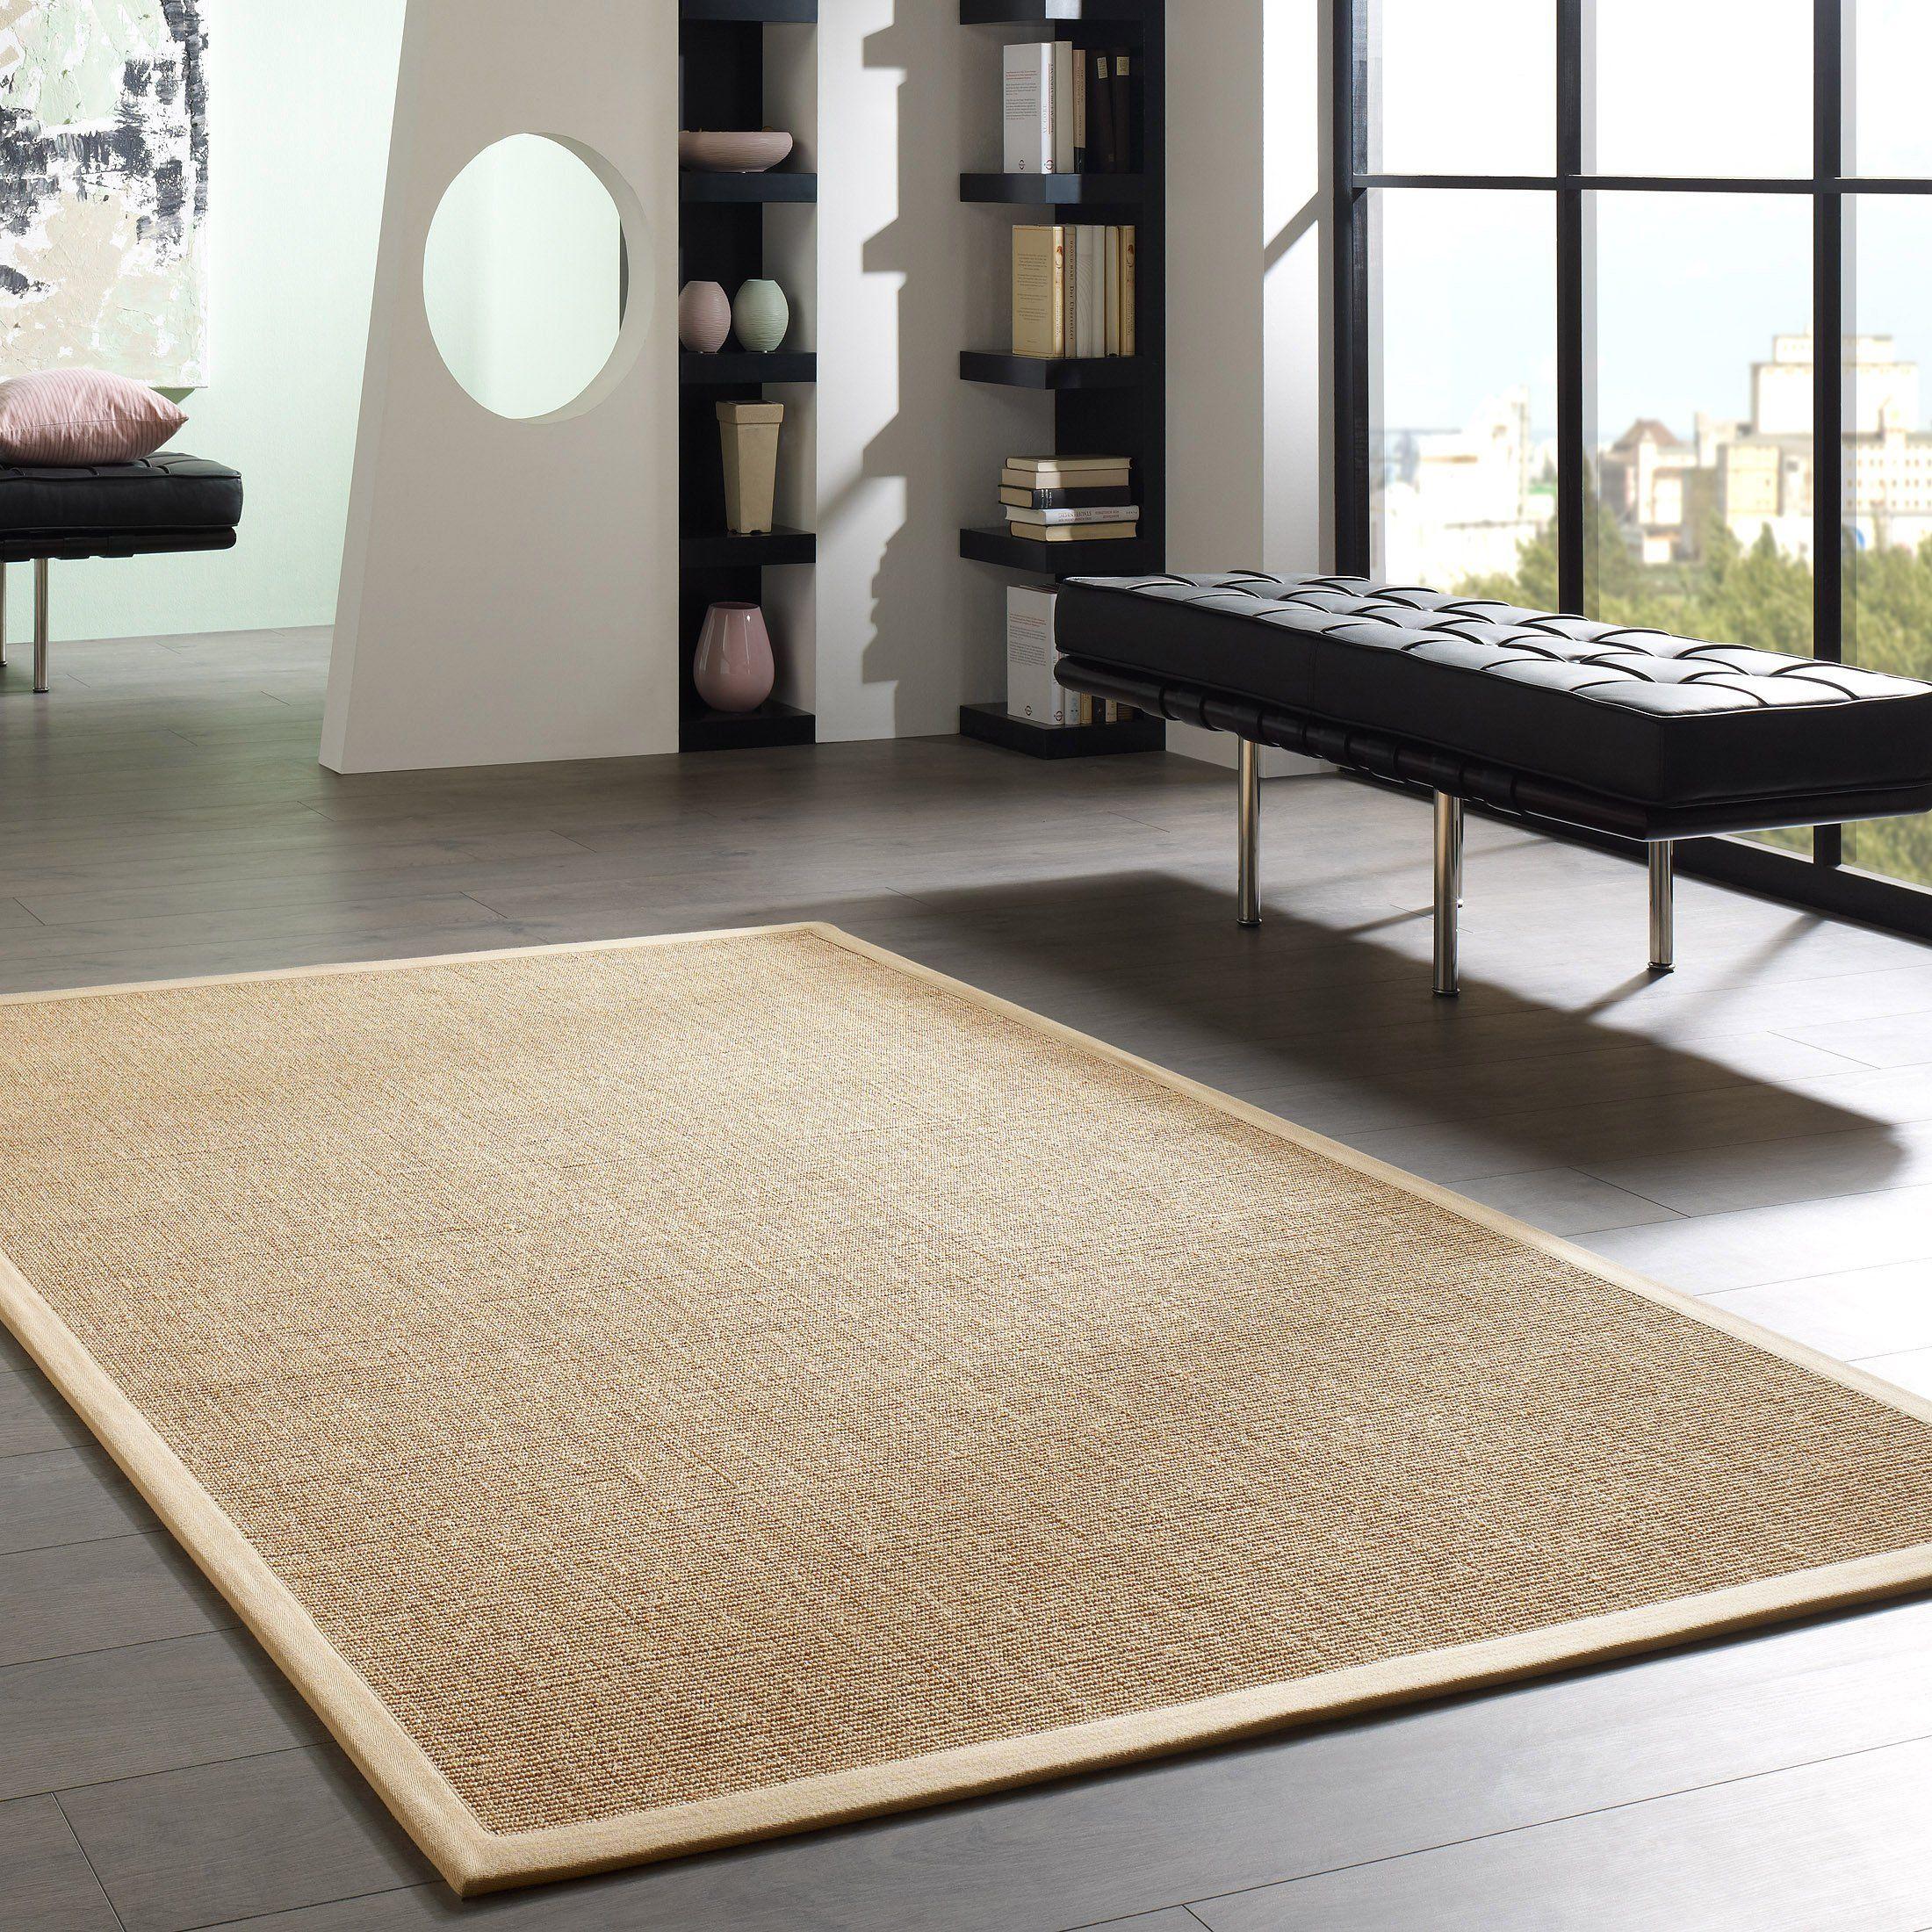 Teppich Merida Sisal Bambus Teppiche 240 X 290 229 00 Bambu